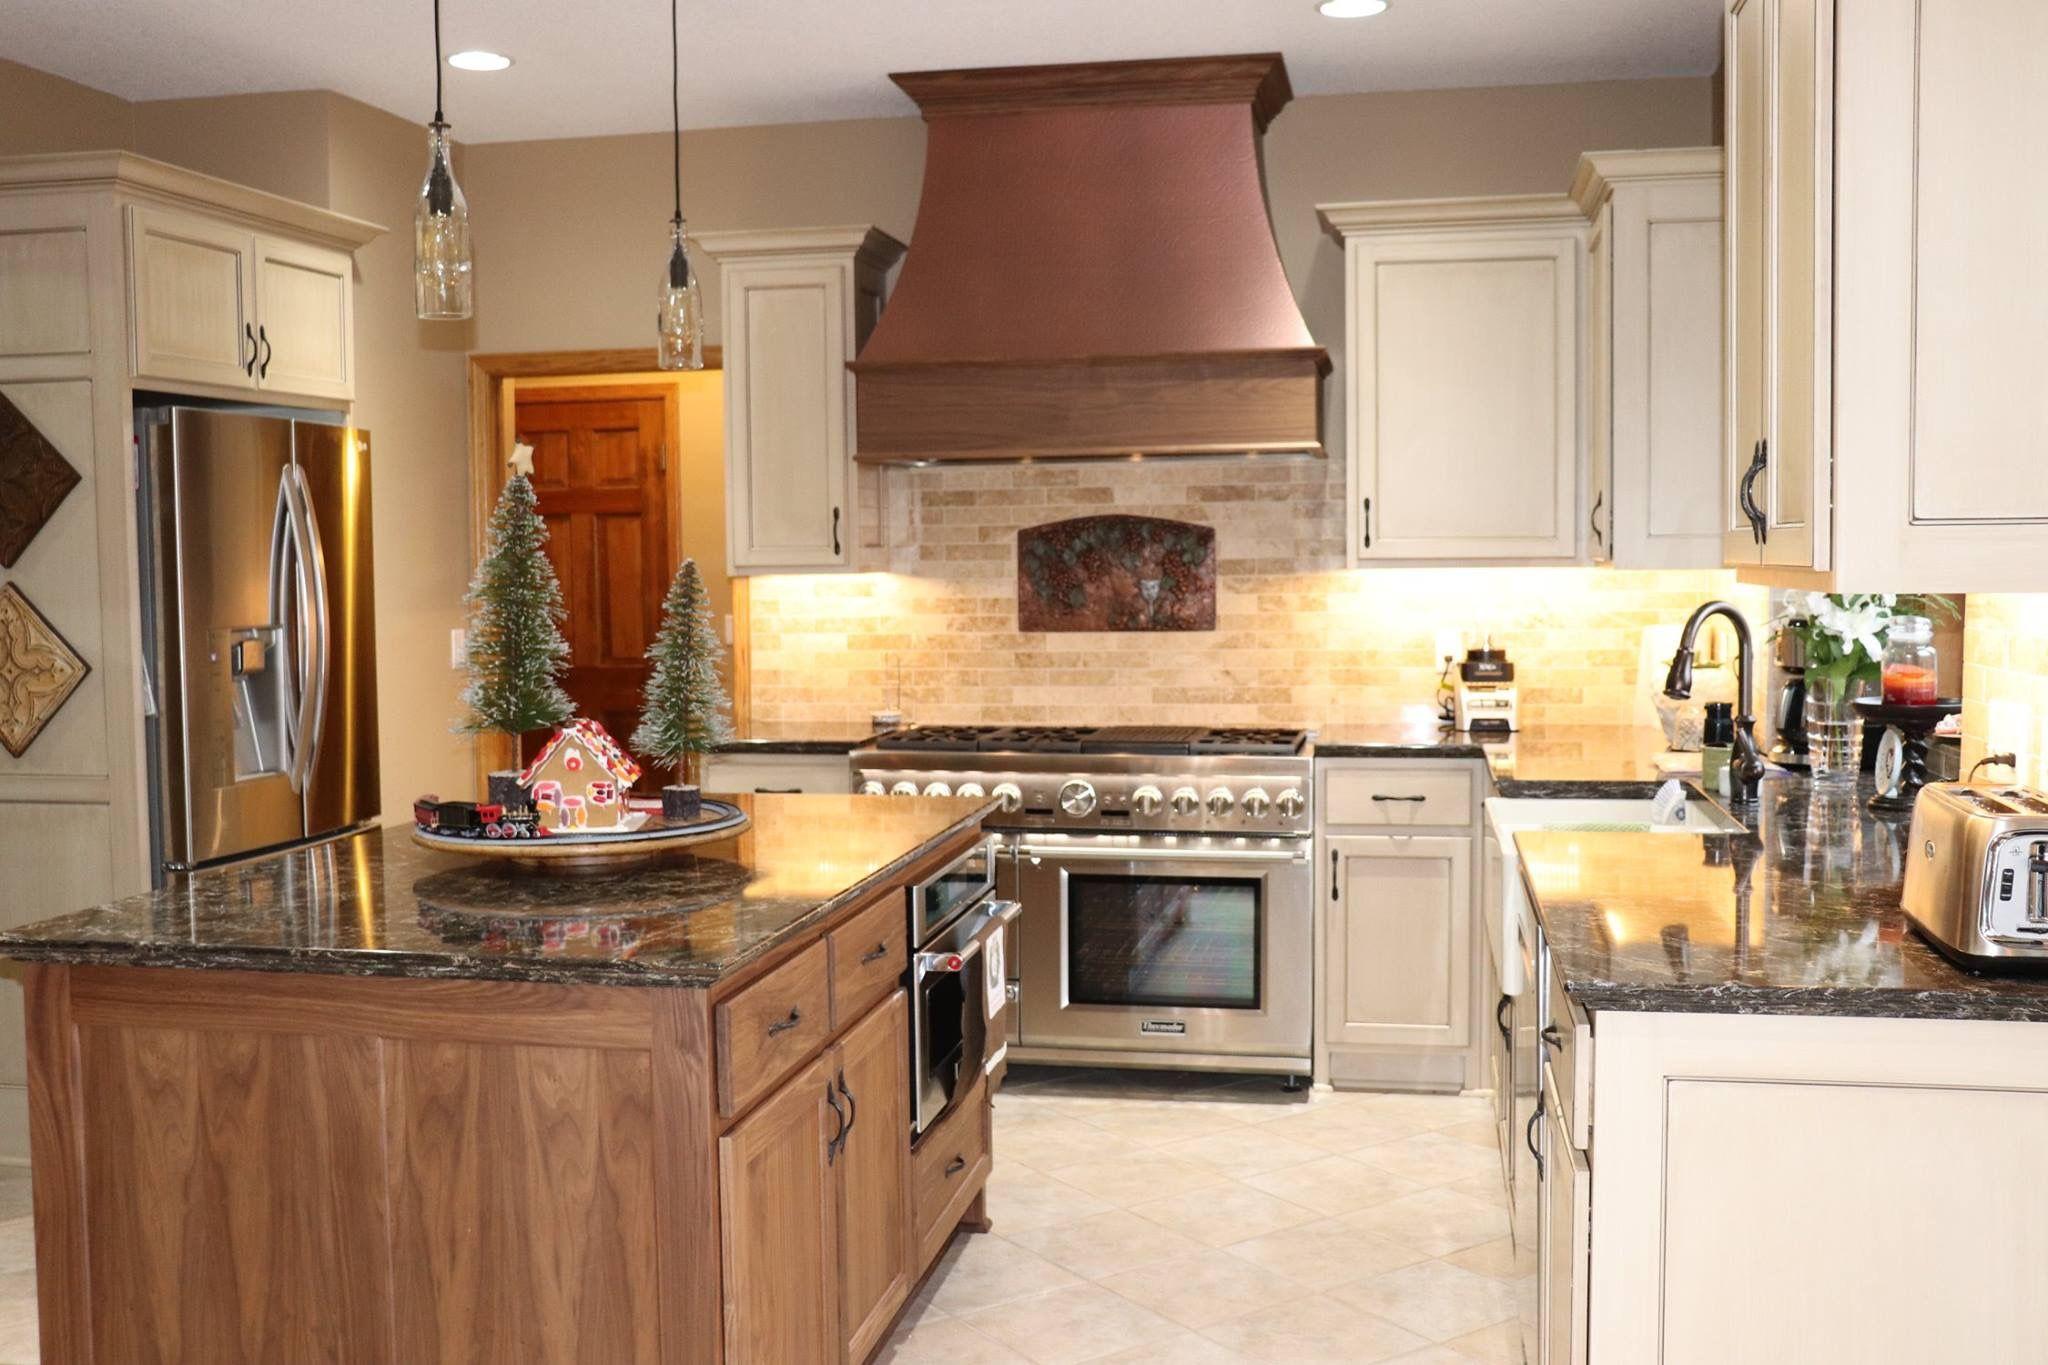 Cream Cabinets With Dark Brown Wash Walnut Island Copper Hood With Walnut Accents Kitchen Remodel Copper Hood Cream Cabinets